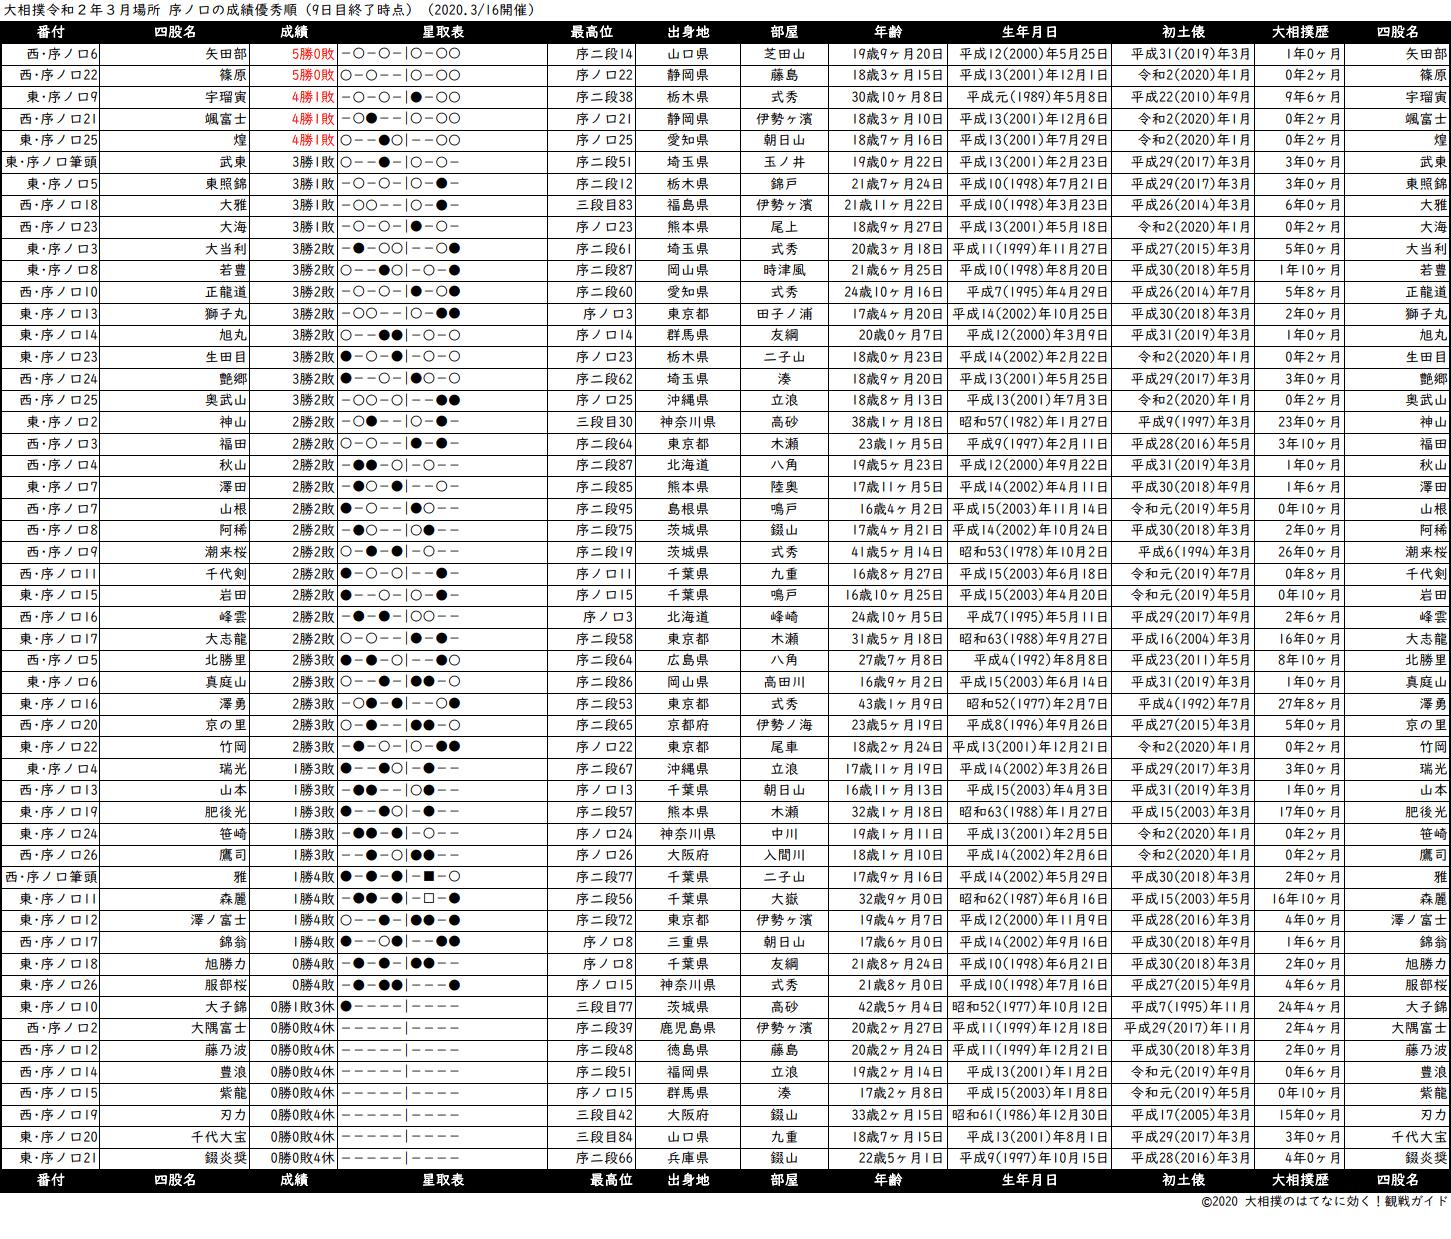 序ノ口成績順一覧表・2020年3月場所9日目